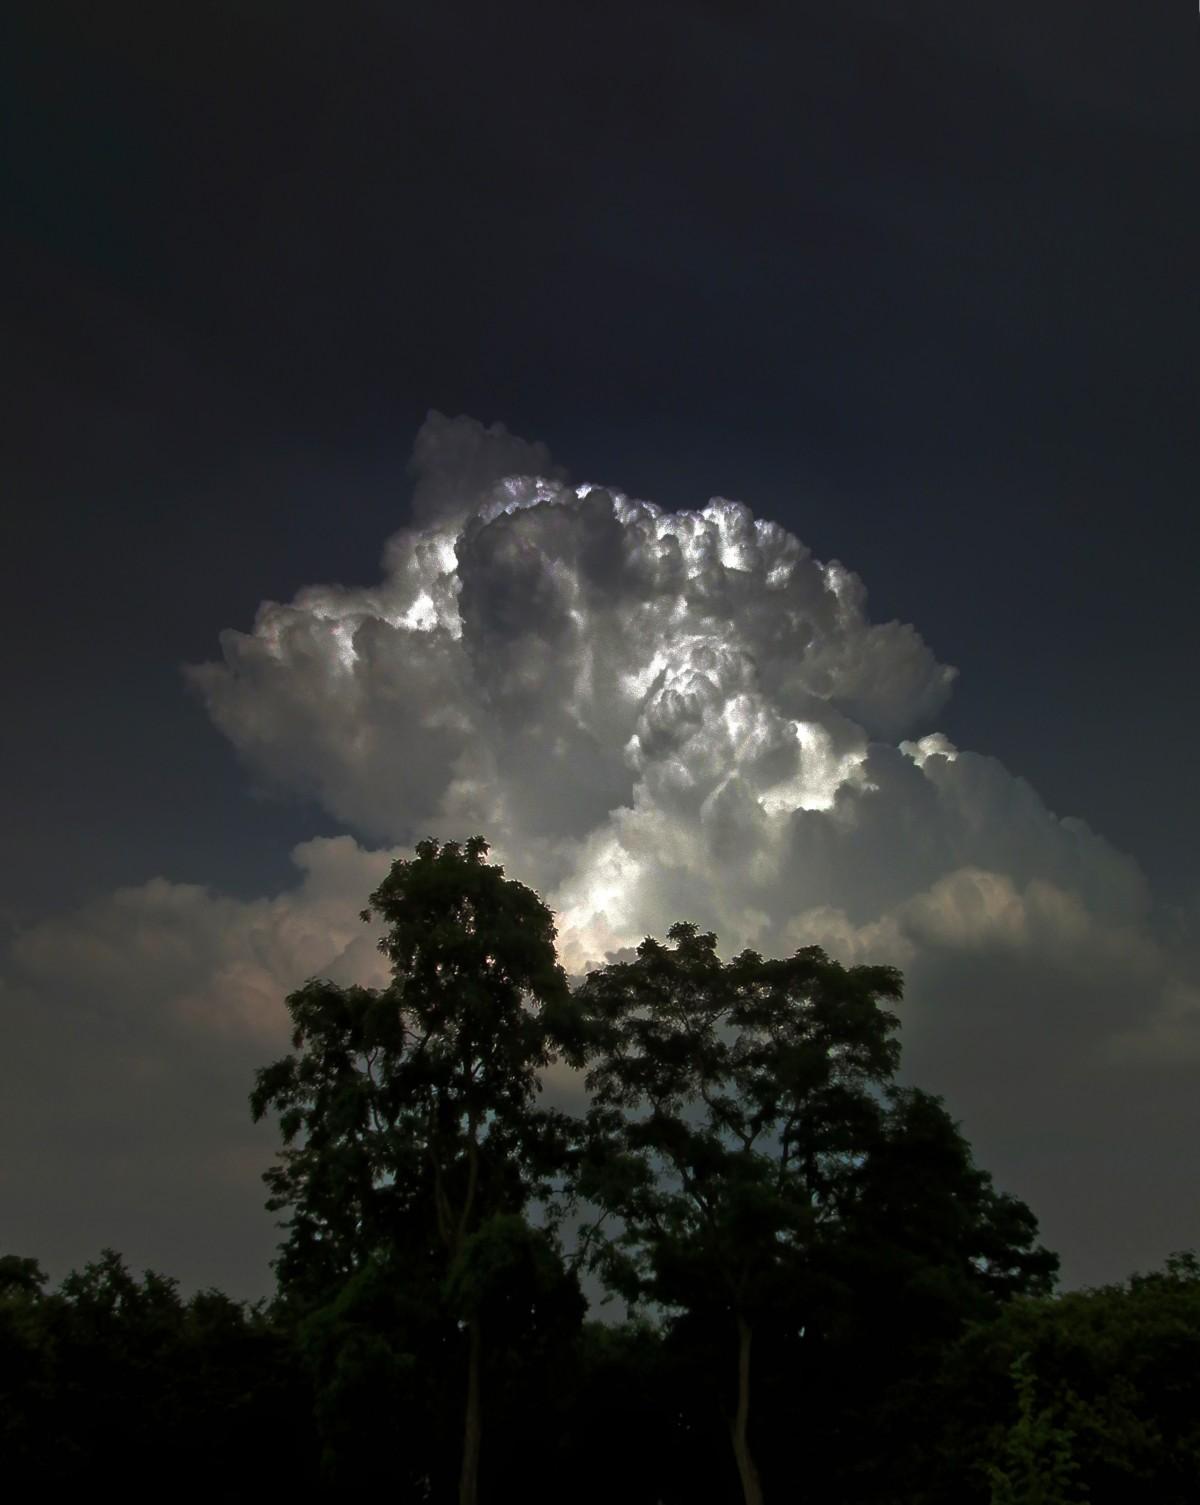 ракетный гром среди темного неба фото постарались дать